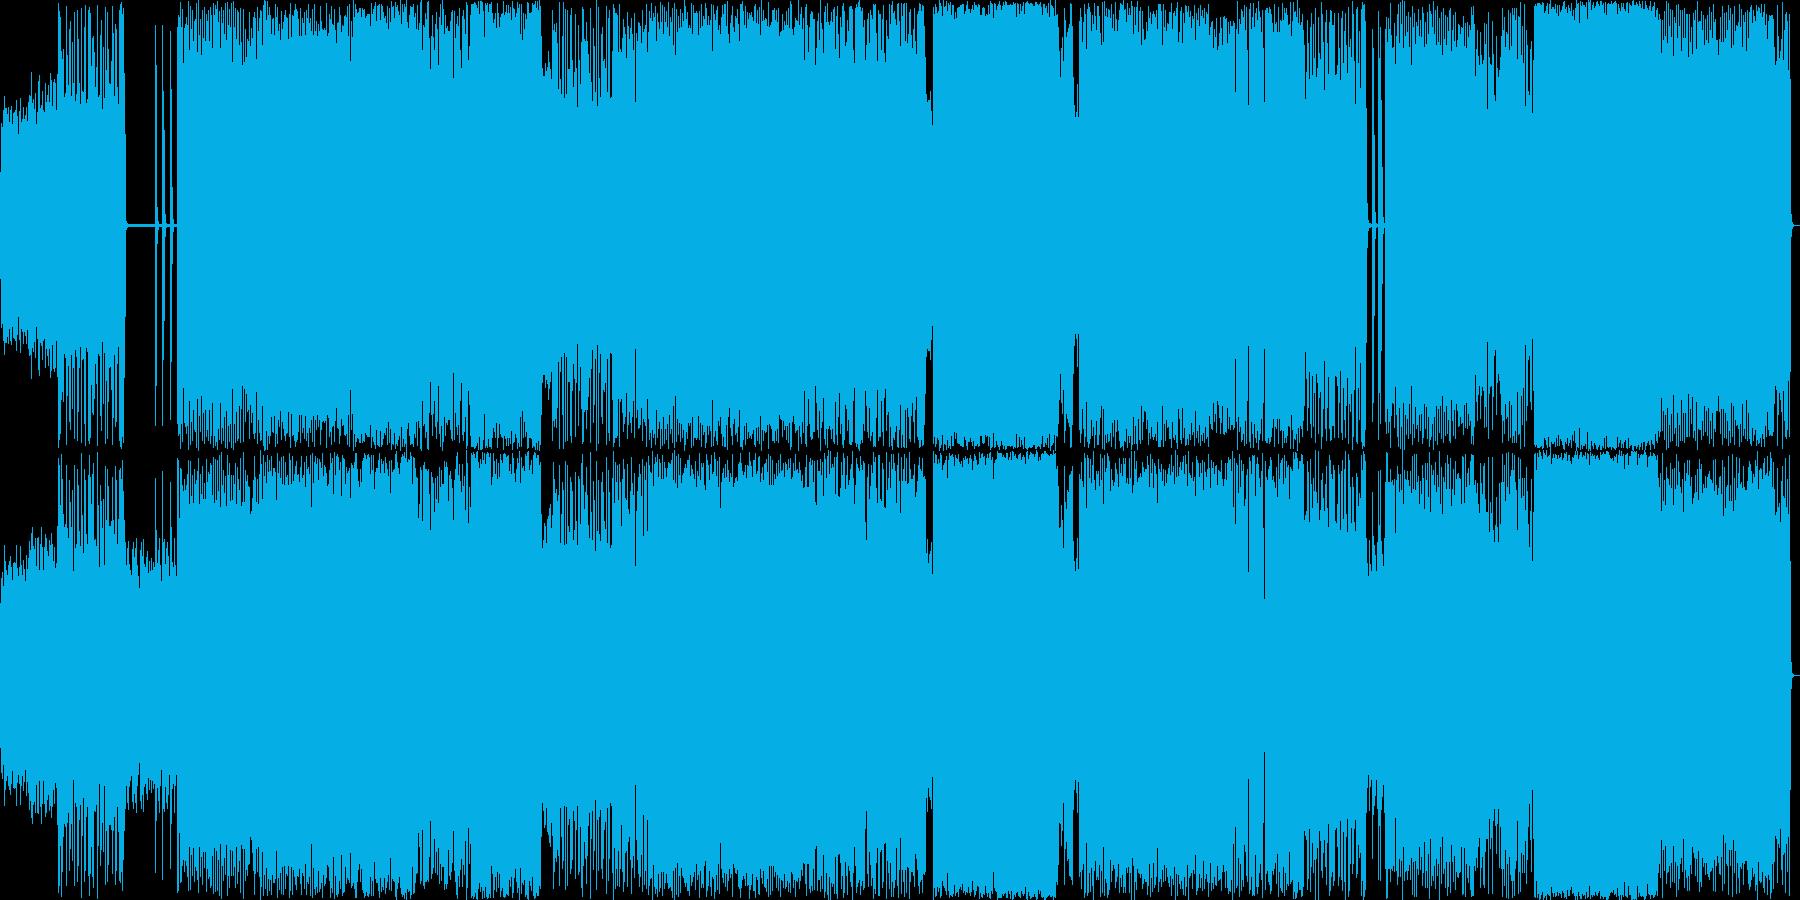 疾走感あるメロディアスなヘヴィメタルの再生済みの波形